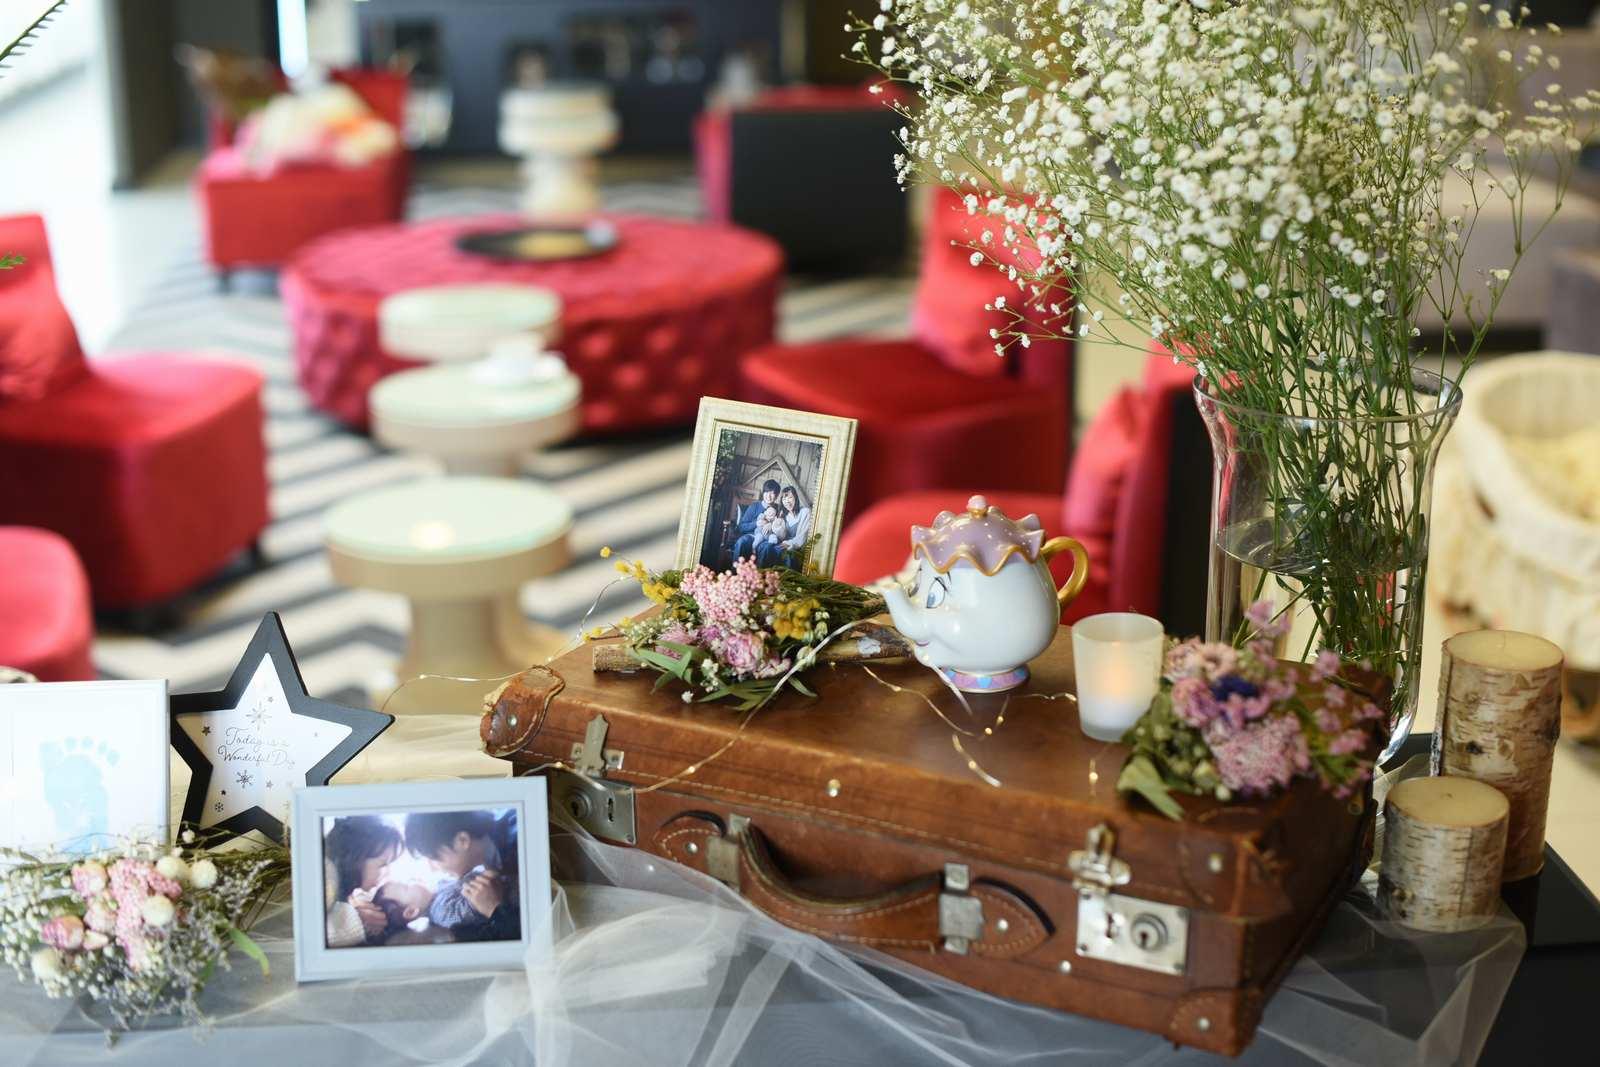 徳島市の結婚式場ブランアンジュのウェルカムスペースはナチュラルコーディネート